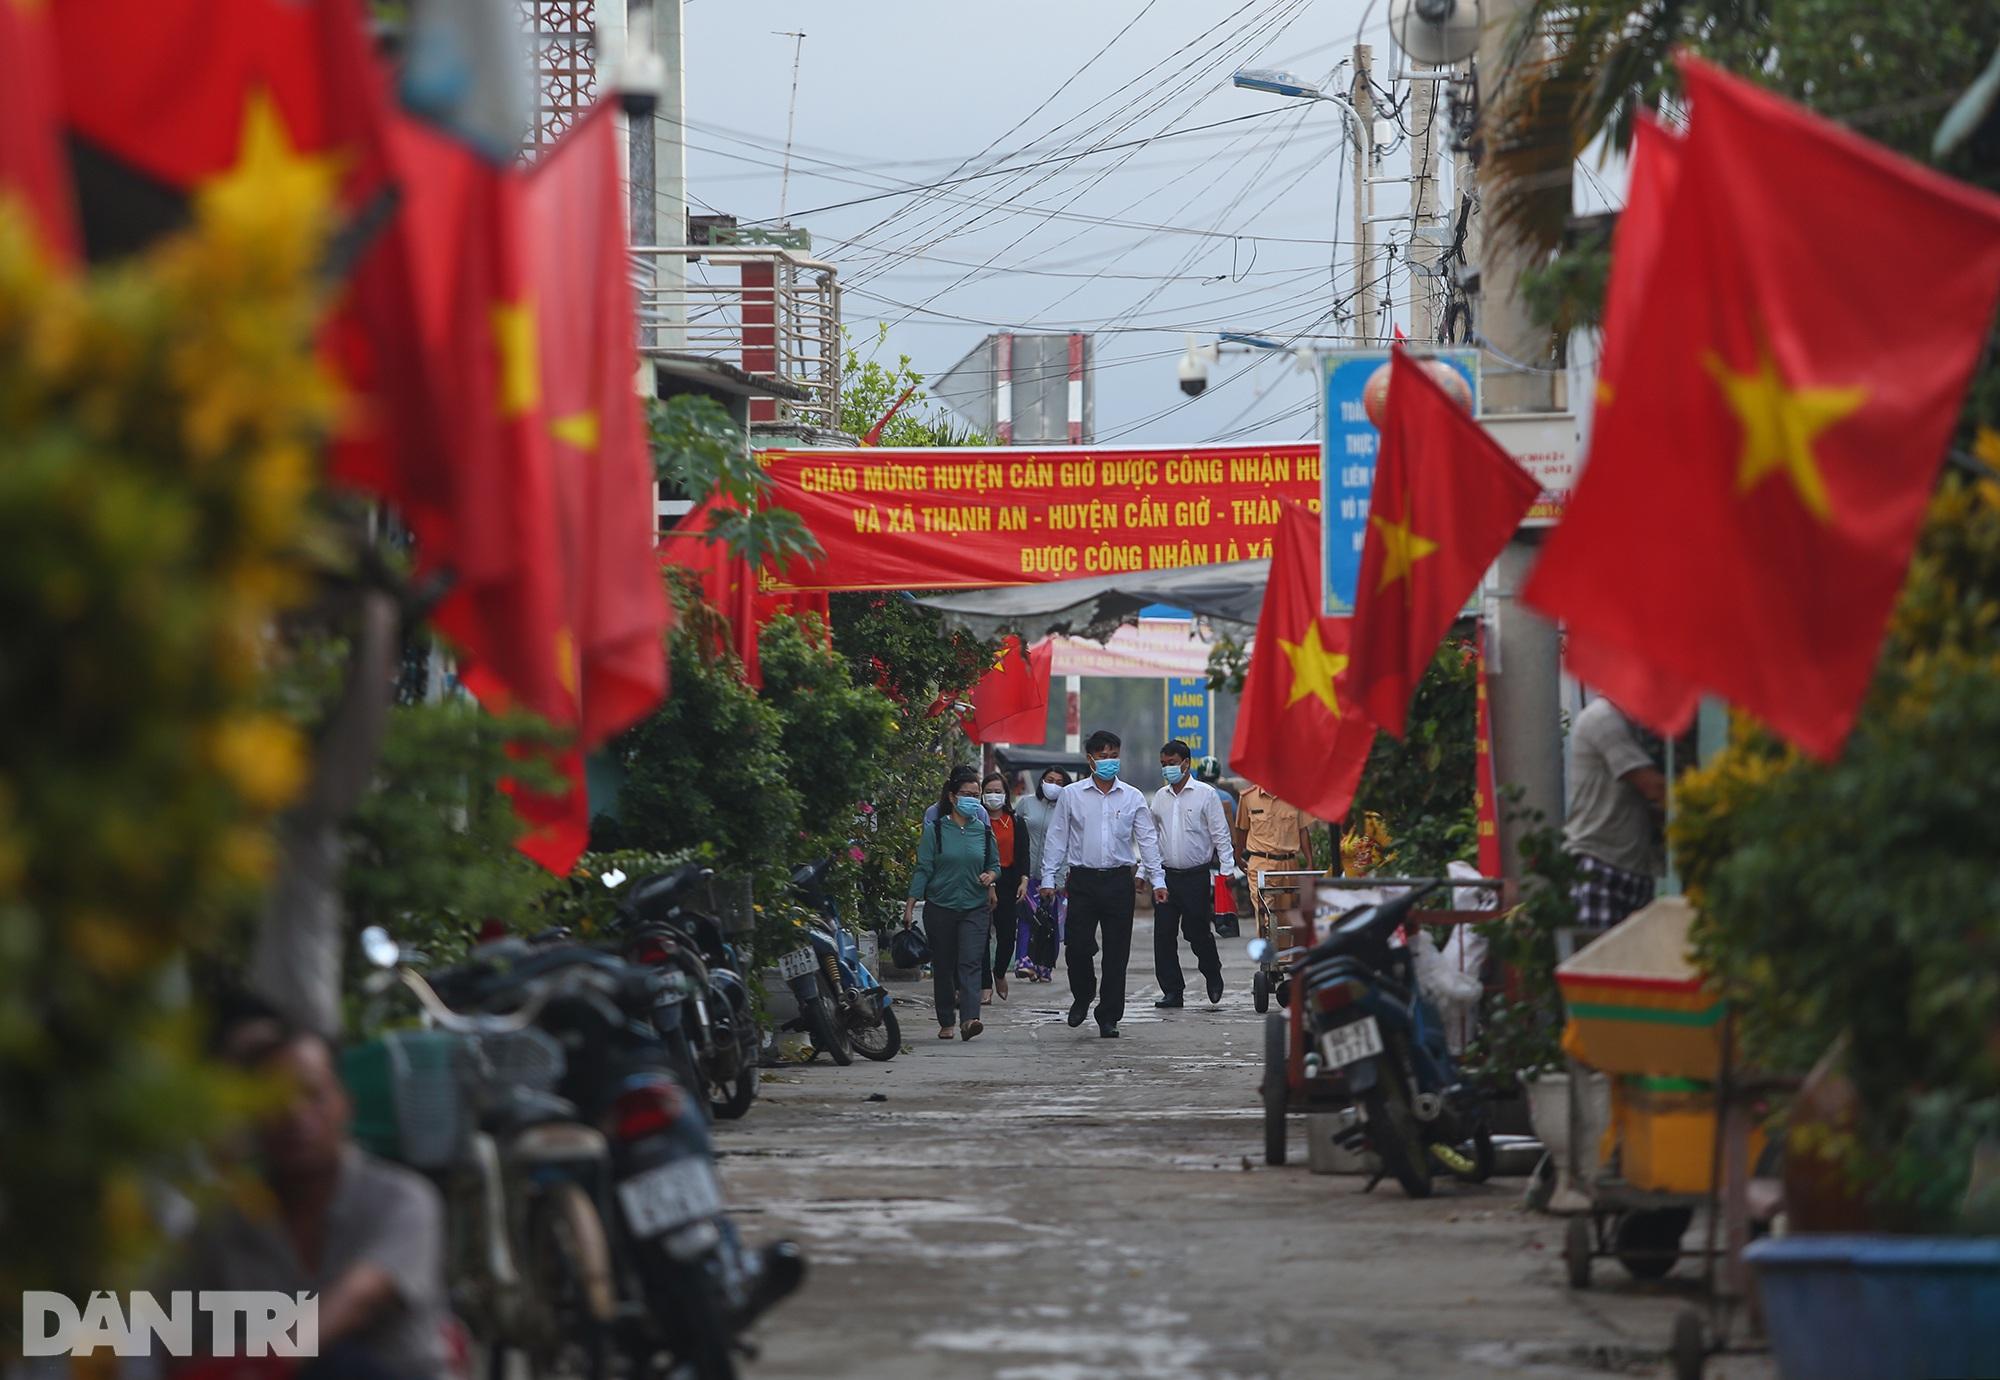 Ông lão chèo ghe hai giờ đồng hồ đi bầu cử ở xã đảo Thạnh An - 5